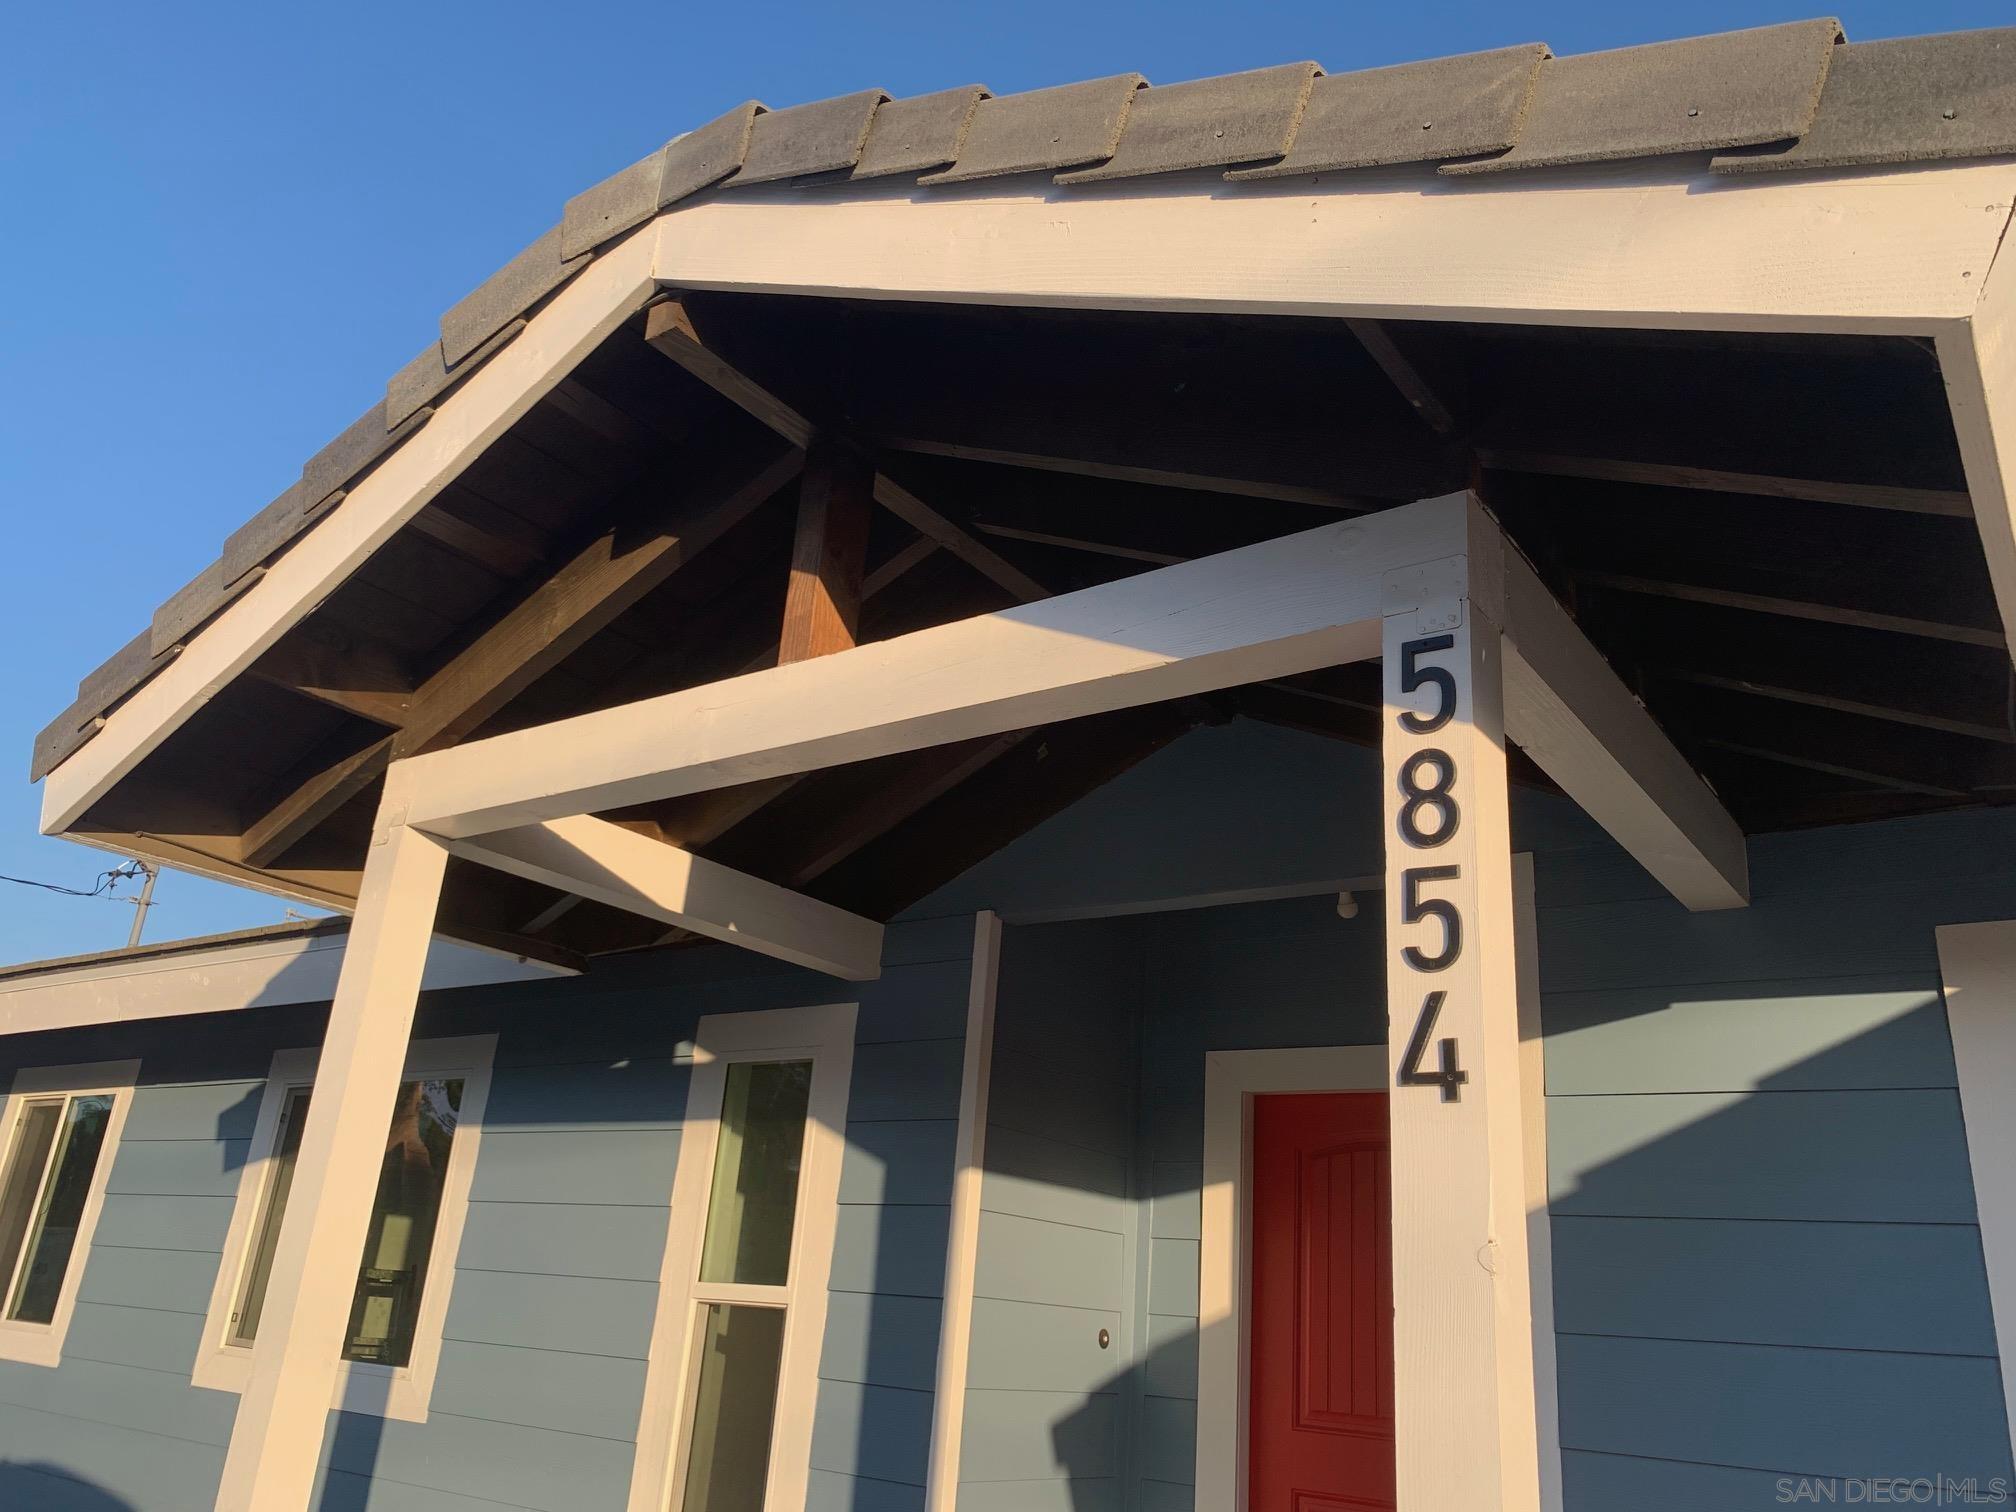 5854 SAN MIGUEL RD., BONITA, CA 91902